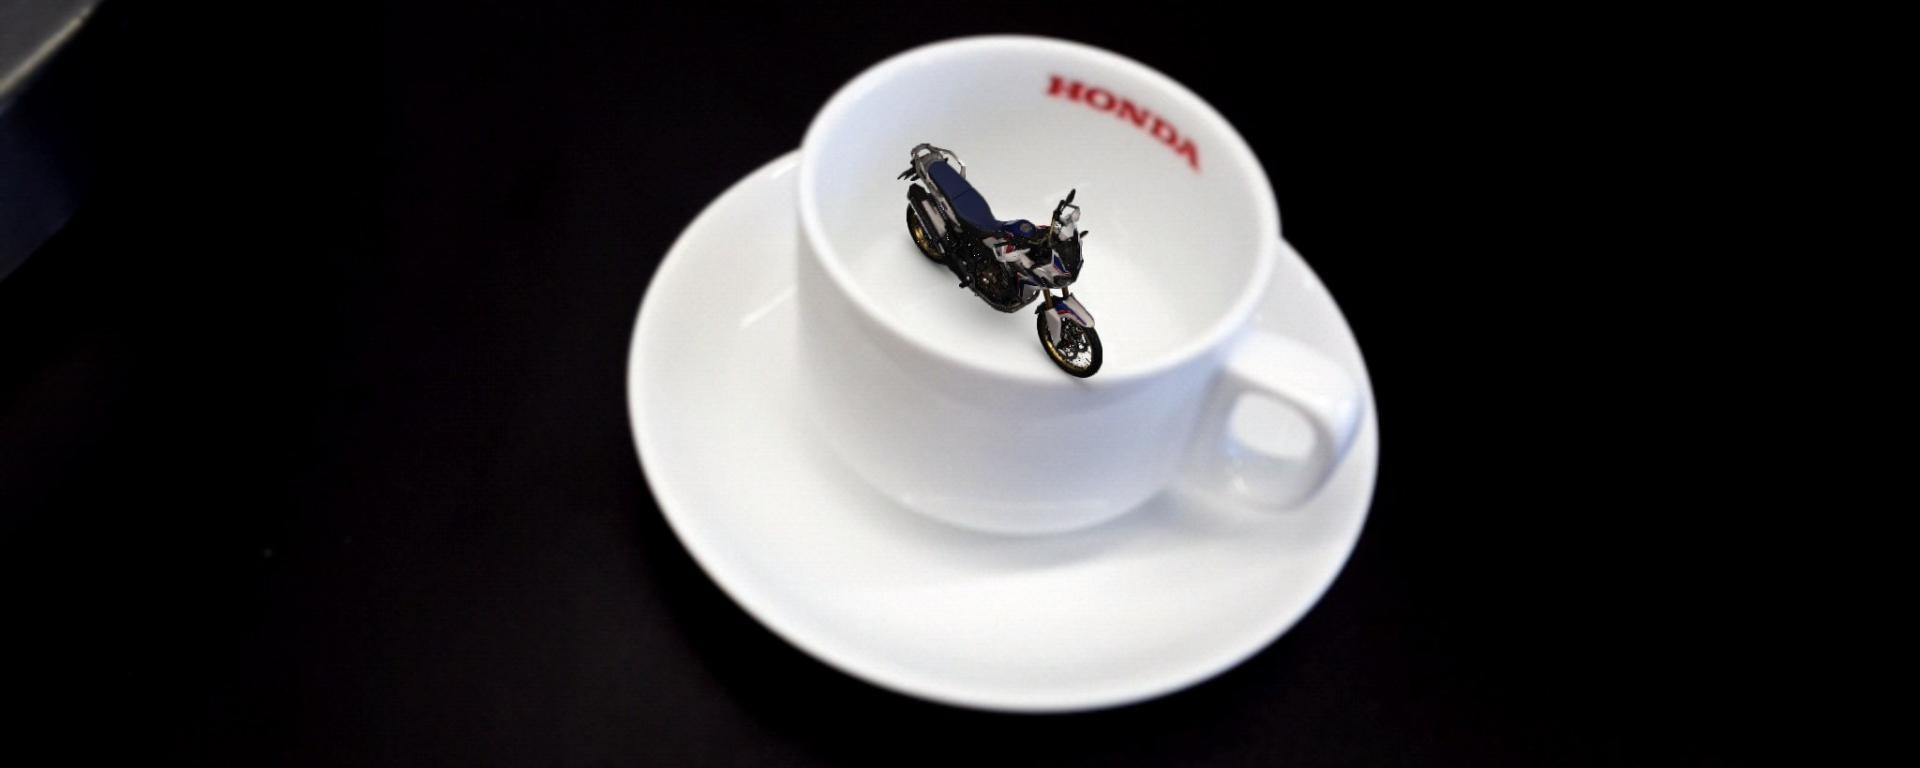 Una forma única de ver la Honda Africa Twin